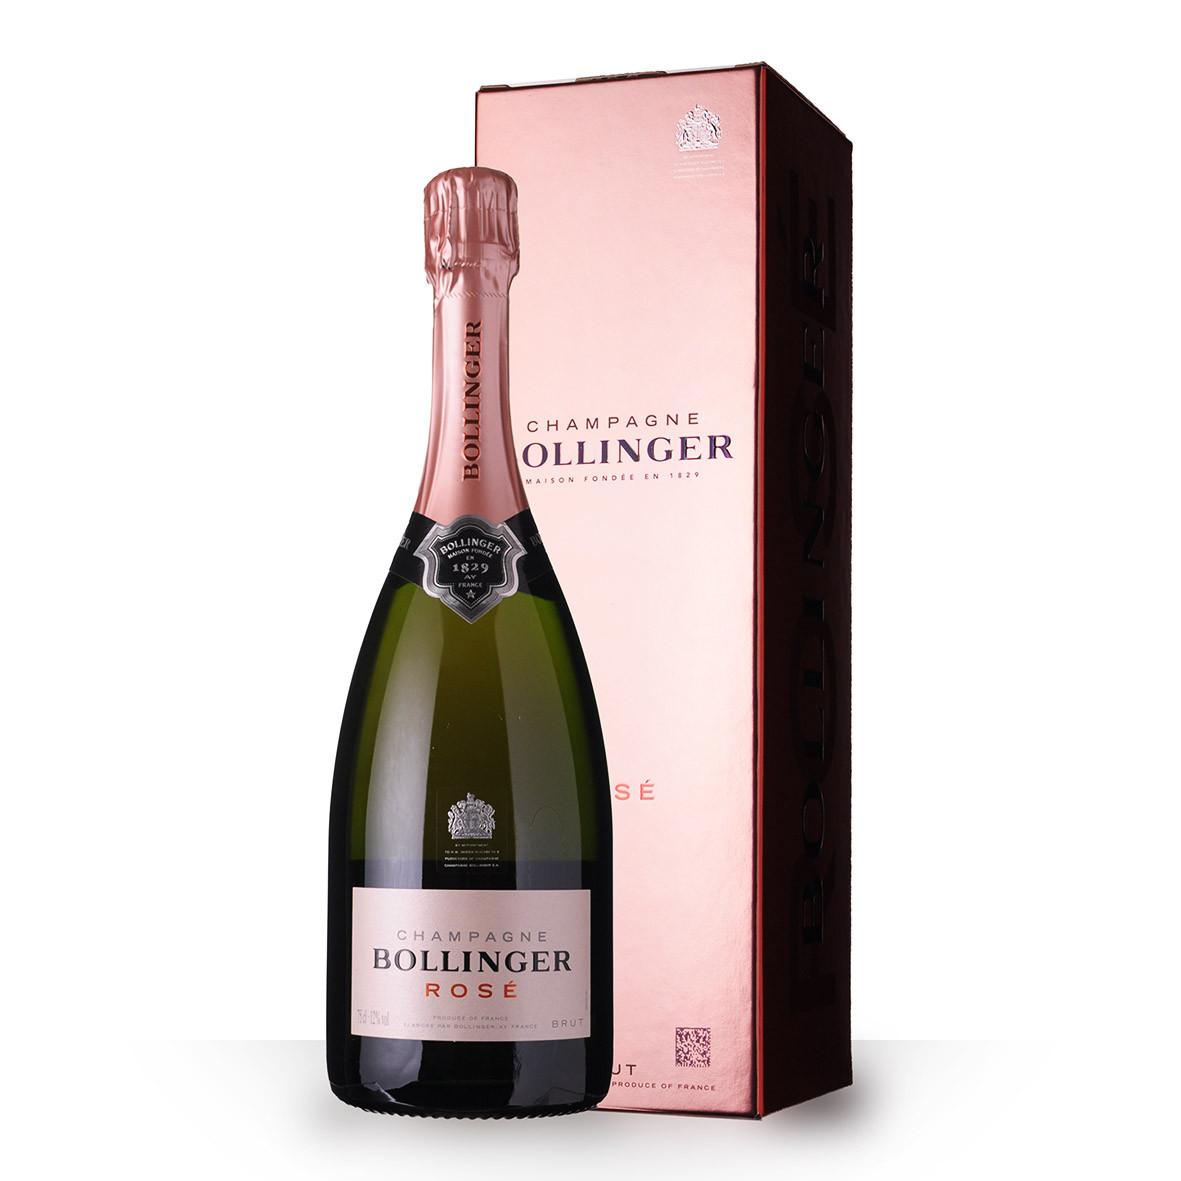 Champagne Bollinger Brut Rosé 75cl Etui www.odyssee-vins.com